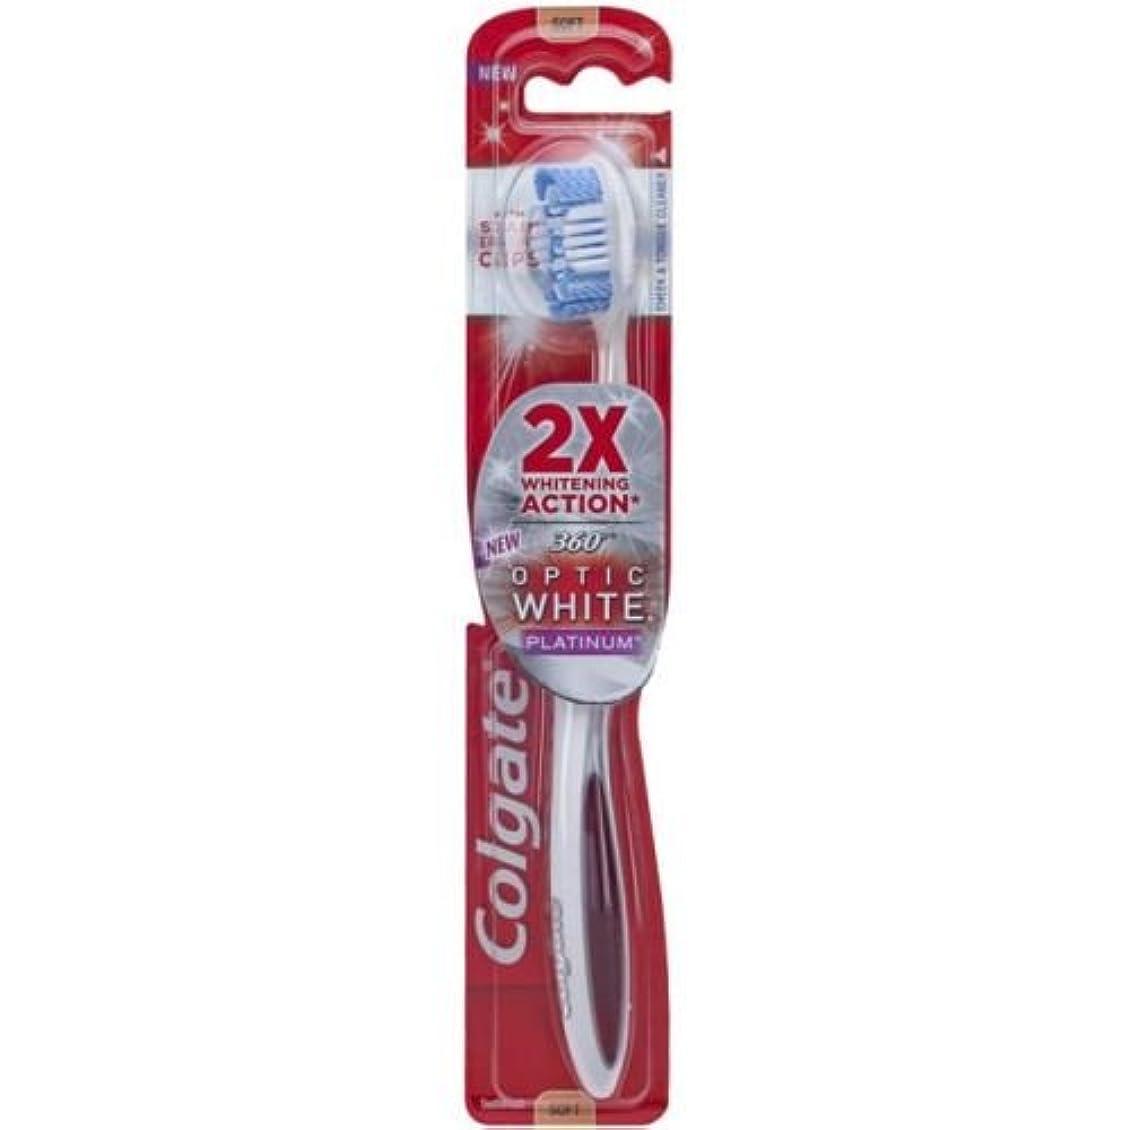 悪魔慣習知覚できるColgate オプティックホワイトコンパクトヘッドミディアム毛の歯ブラシプラスホワイトニングペンジェル - ケースあたり6。